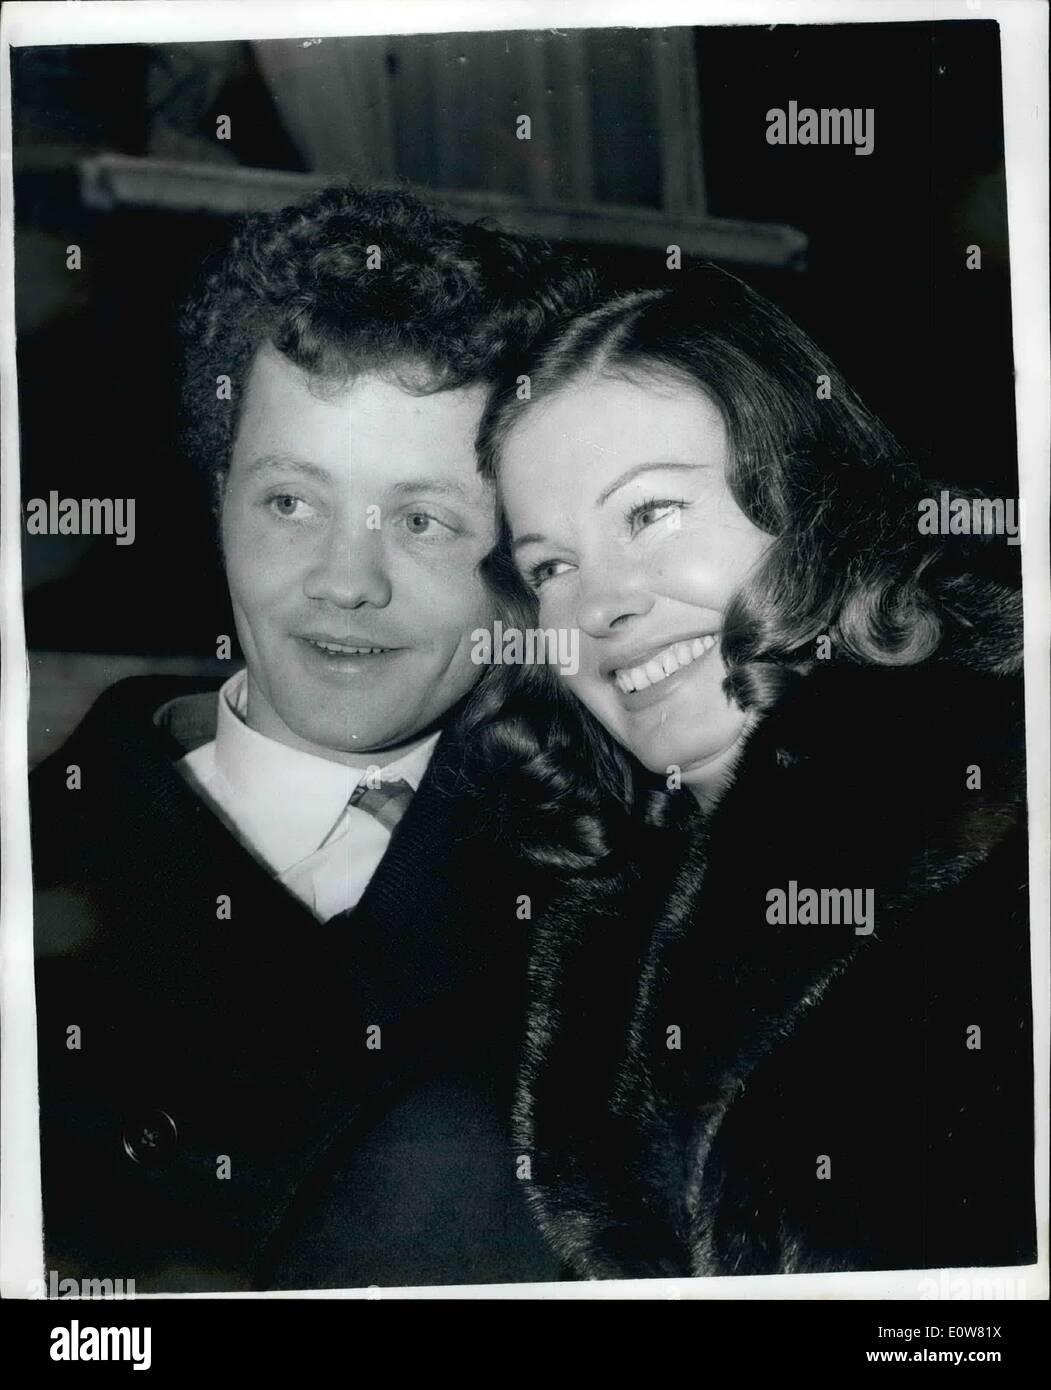 Nov. 11, 1961 - Donne dà fino a £21.000 un anno di sposare attore a Londra oggi: Marjorie steele, 31, divorziato miliardario americano Huntington Hartford in febbraio, questa mattina ha sposato l'attore britannico Dudley Sutton (il suo nuovo gioco ''un fischio al buio'' si apre stasera) a Kennington register office di Londra. Miss Steele ha dato £21.000 un anno alimony dal suo matrimonio con il 29-anno-vecchio attore. La foto mostra il close up la sposa e lo sposo dopo il matrimonio di oggi. Immagini Stock